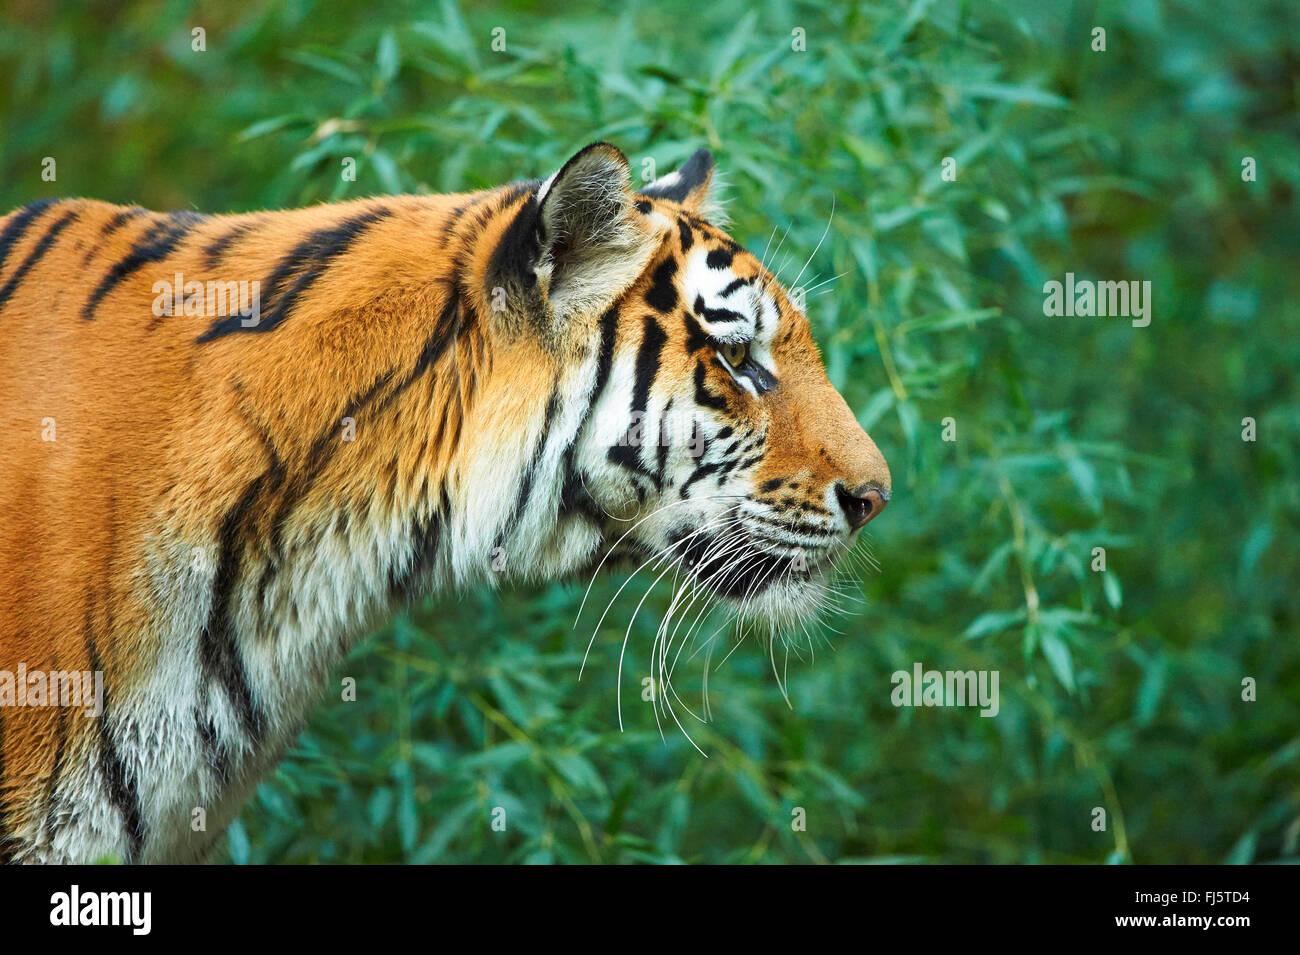 Siberian tiger, Amurian tiger (Panthera tigris altaica), portrait - Stock Image